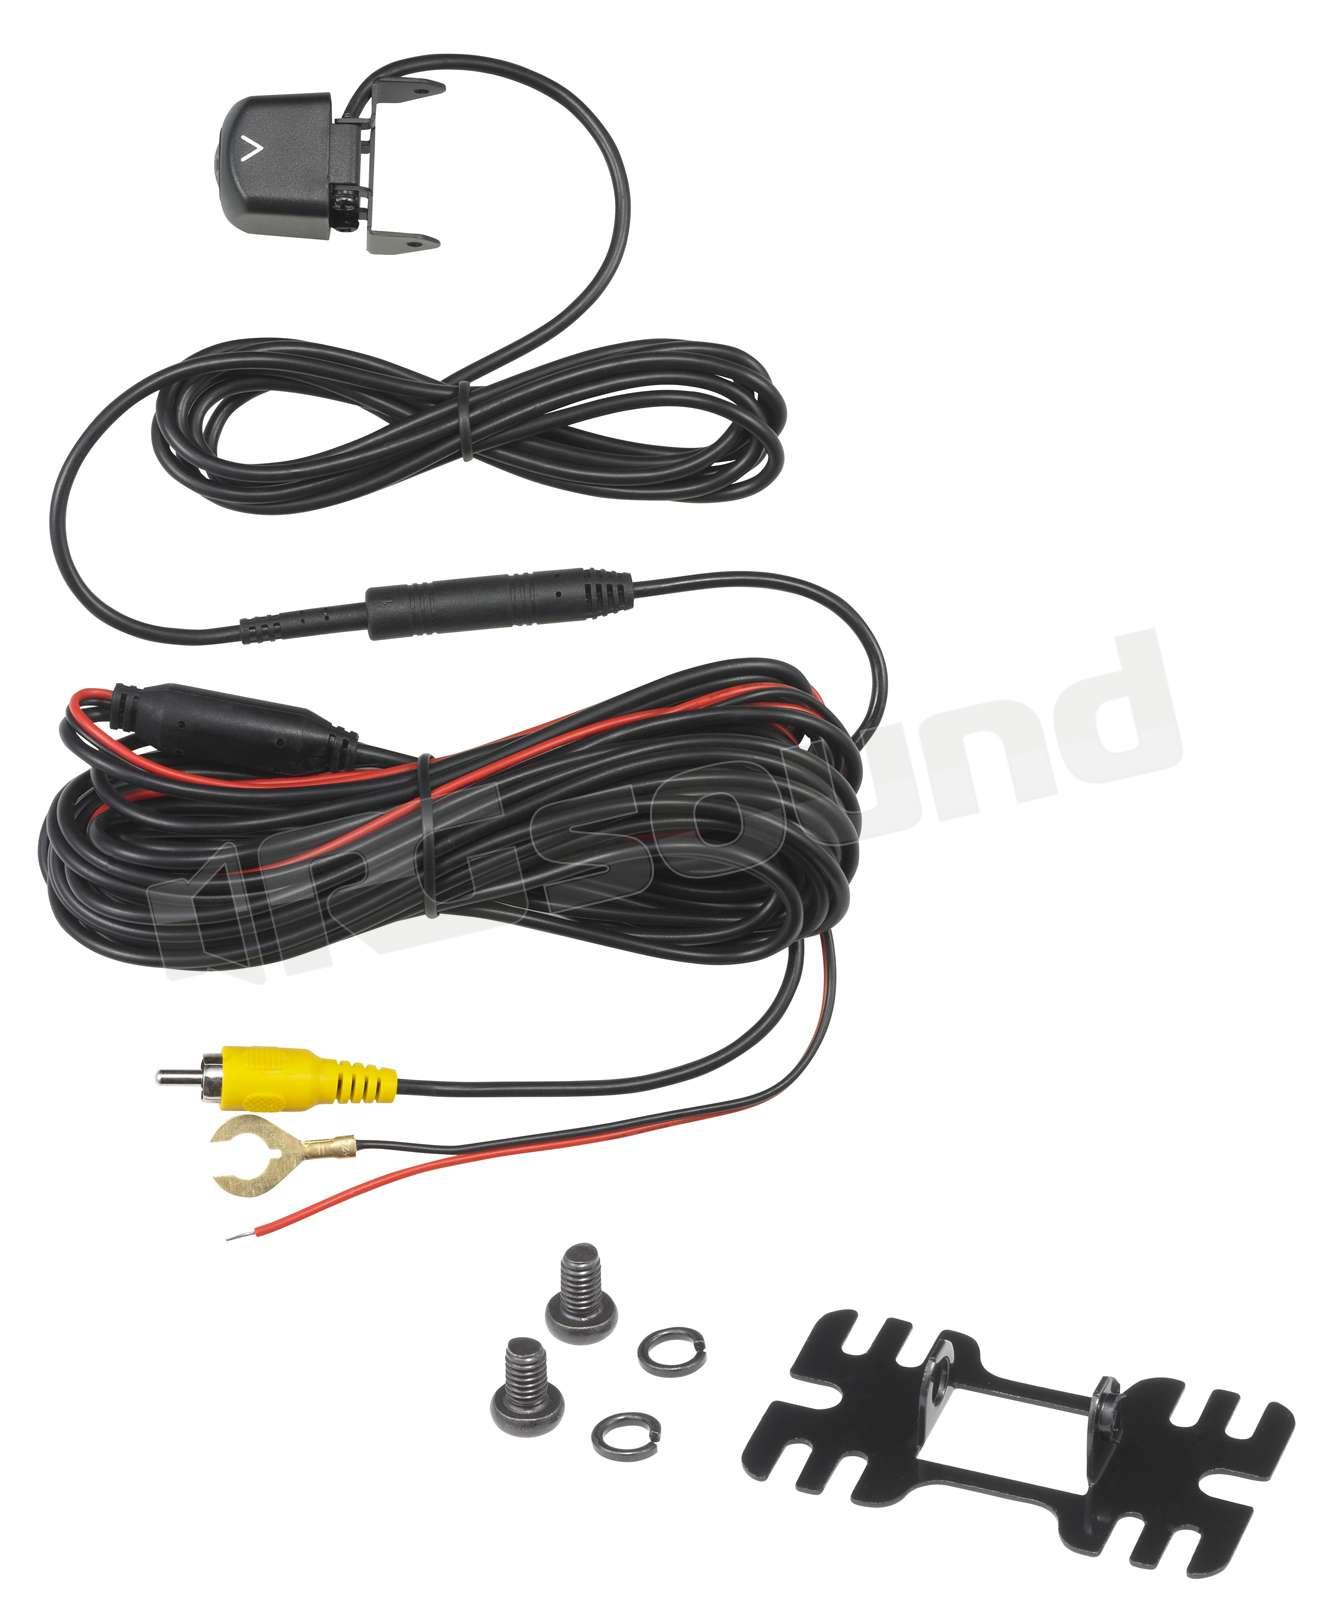 Clarion Cc510 Sistemi Di Retrovisione Telecamere Rg Sound Nx700e Wiring Diagram